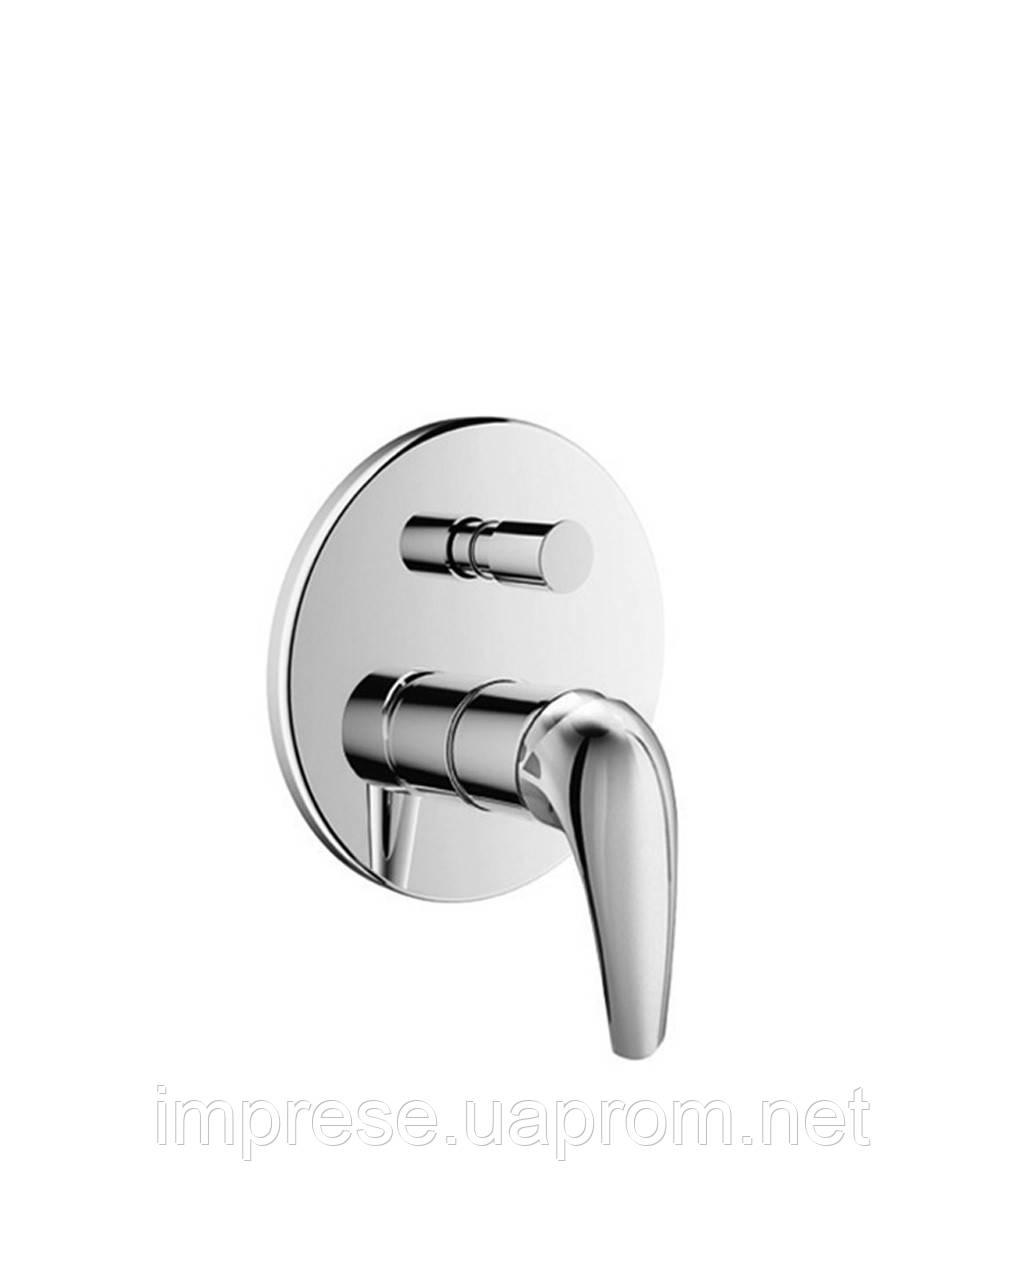 Смеситель для ванны скрытого монтажа Krinice VR-10110(Z)